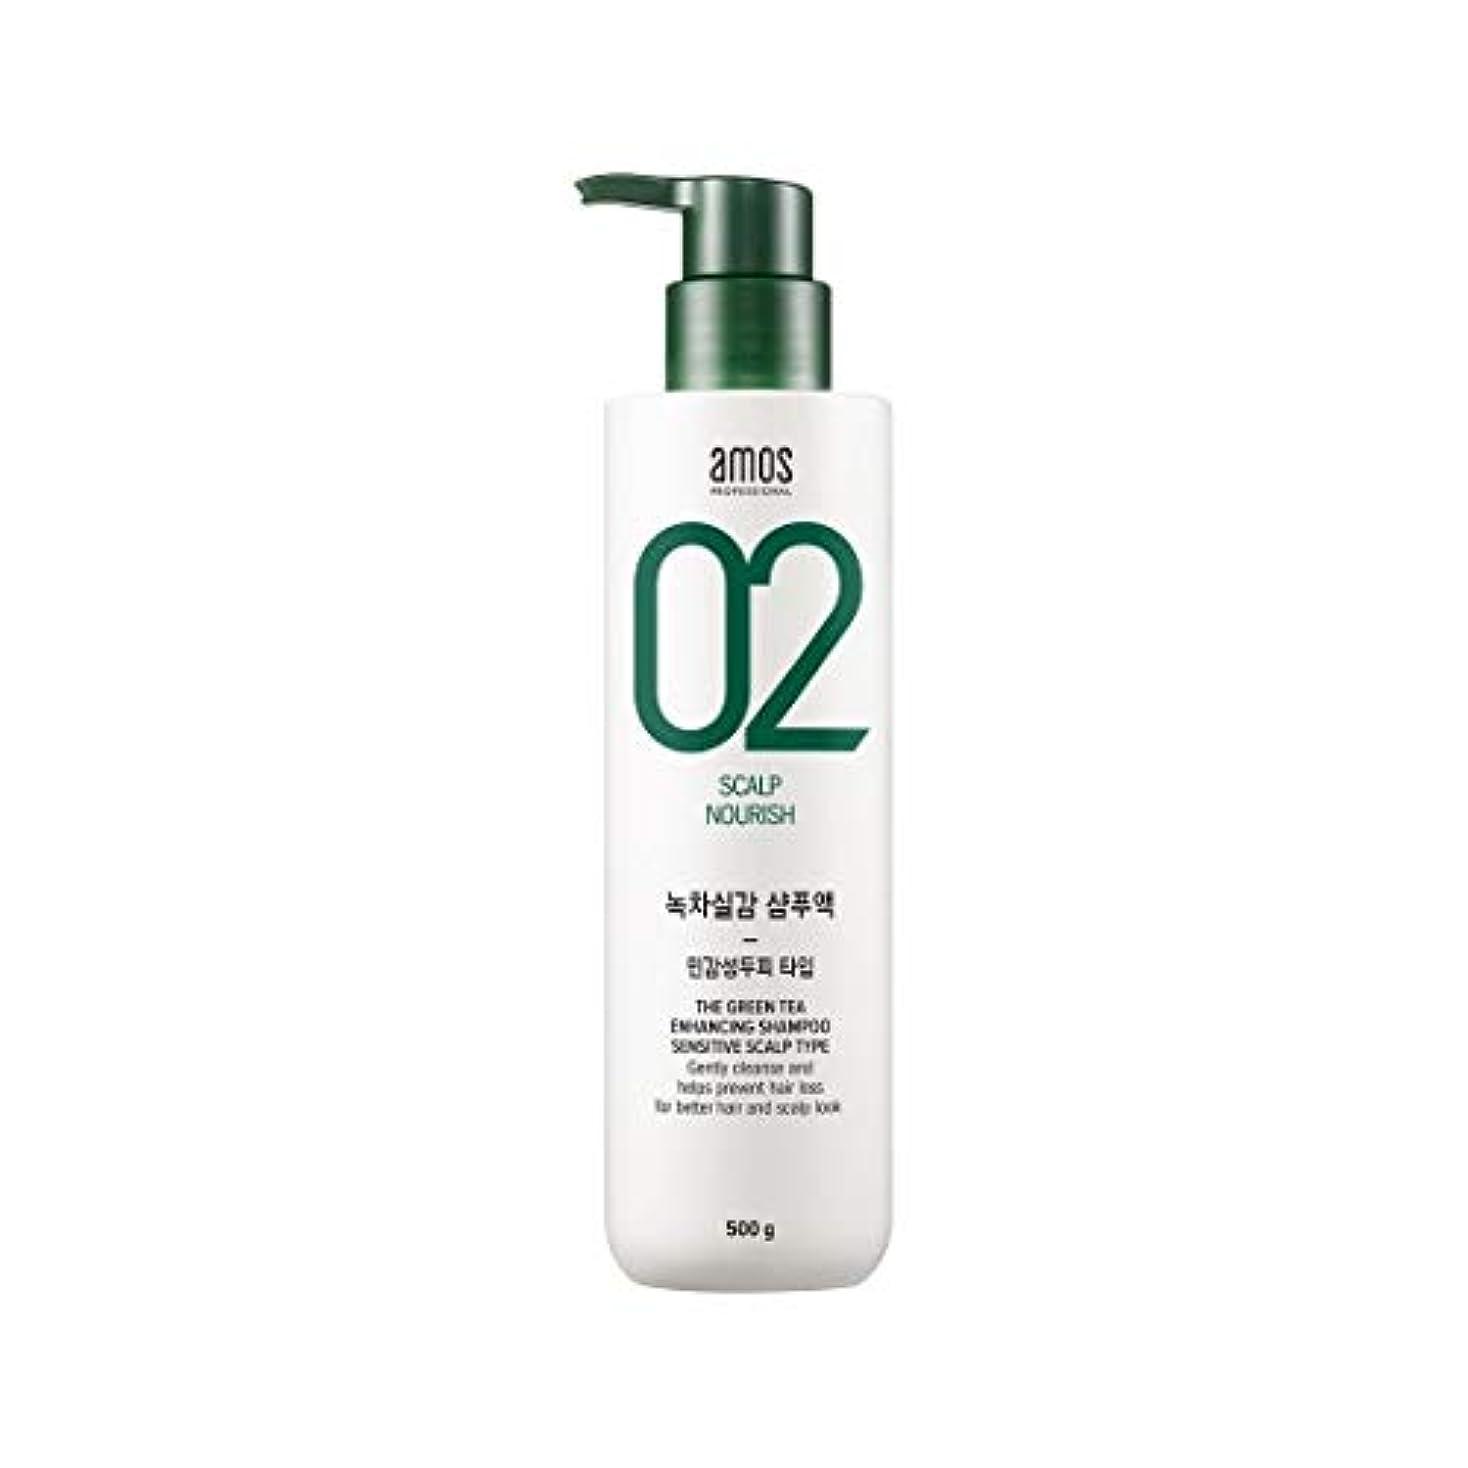 疾患マルクス主義マットレスAmos Green Tea Enhancing Shampoo -Sensitive 500g / アモス ザ グリーンティー エンハンシング シャンプー # センシンティブ スカルプタイプ [並行輸入品]